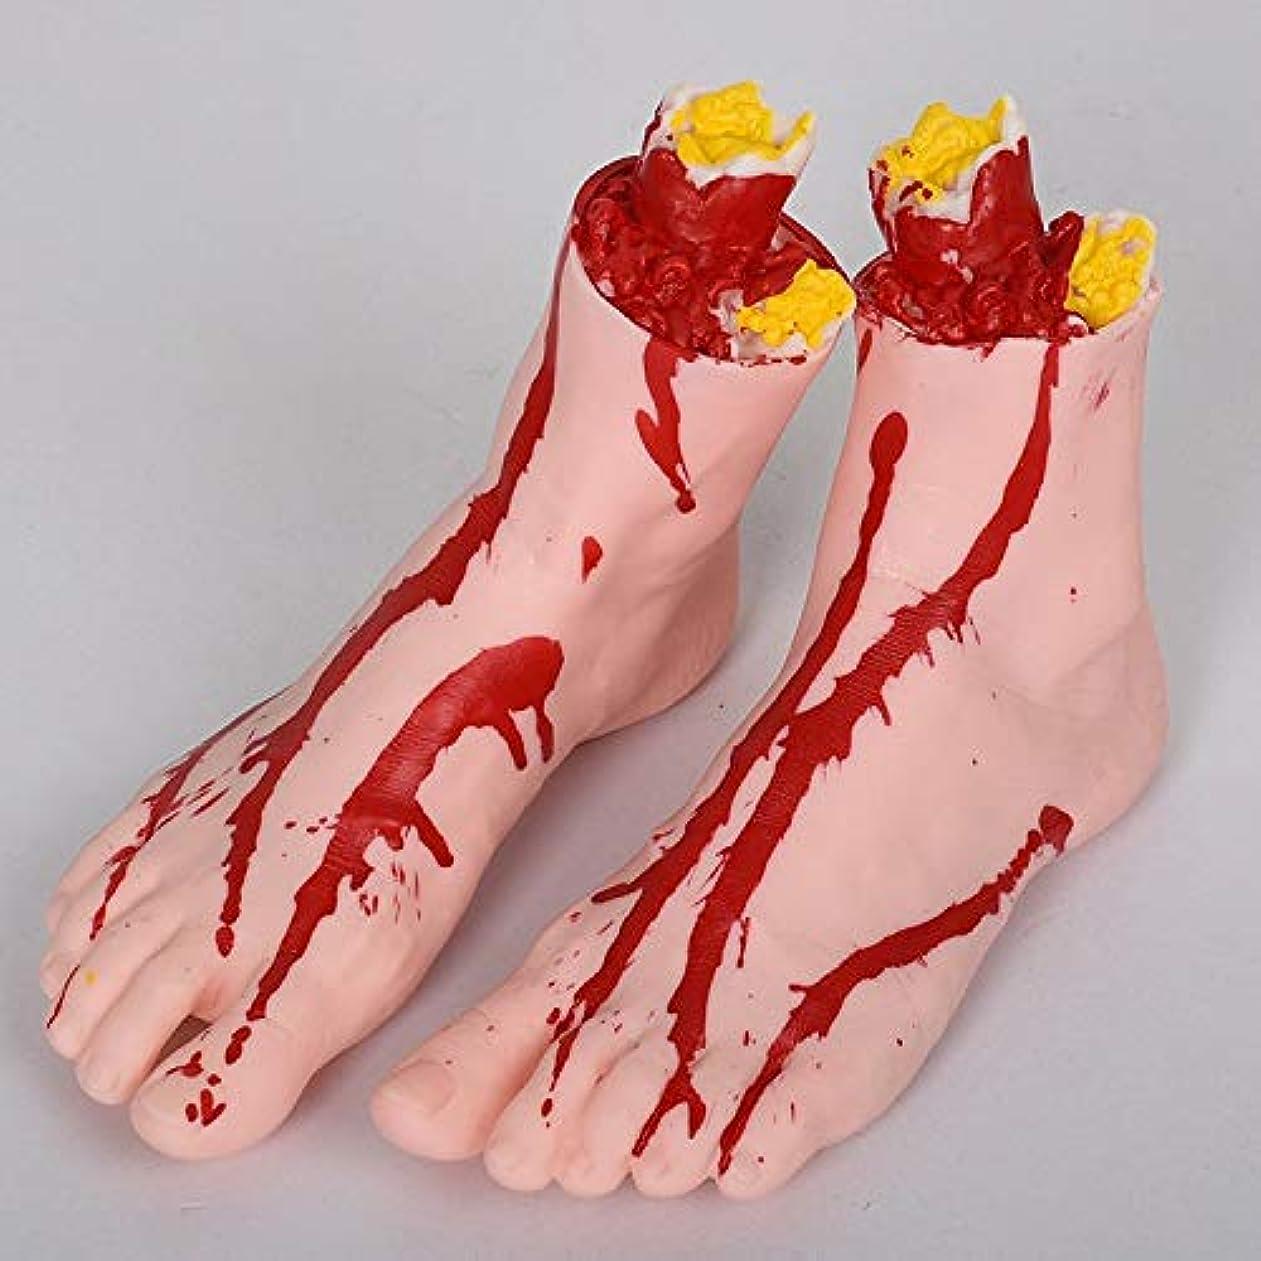 メンテナンス人柄病気ETRRUU HOME ハロウィーンの小道具お化け屋敷バー装飾全体のおもちゃのパロディーホラーシミュレーション義足壊れた手壊れた足 (Size : D)